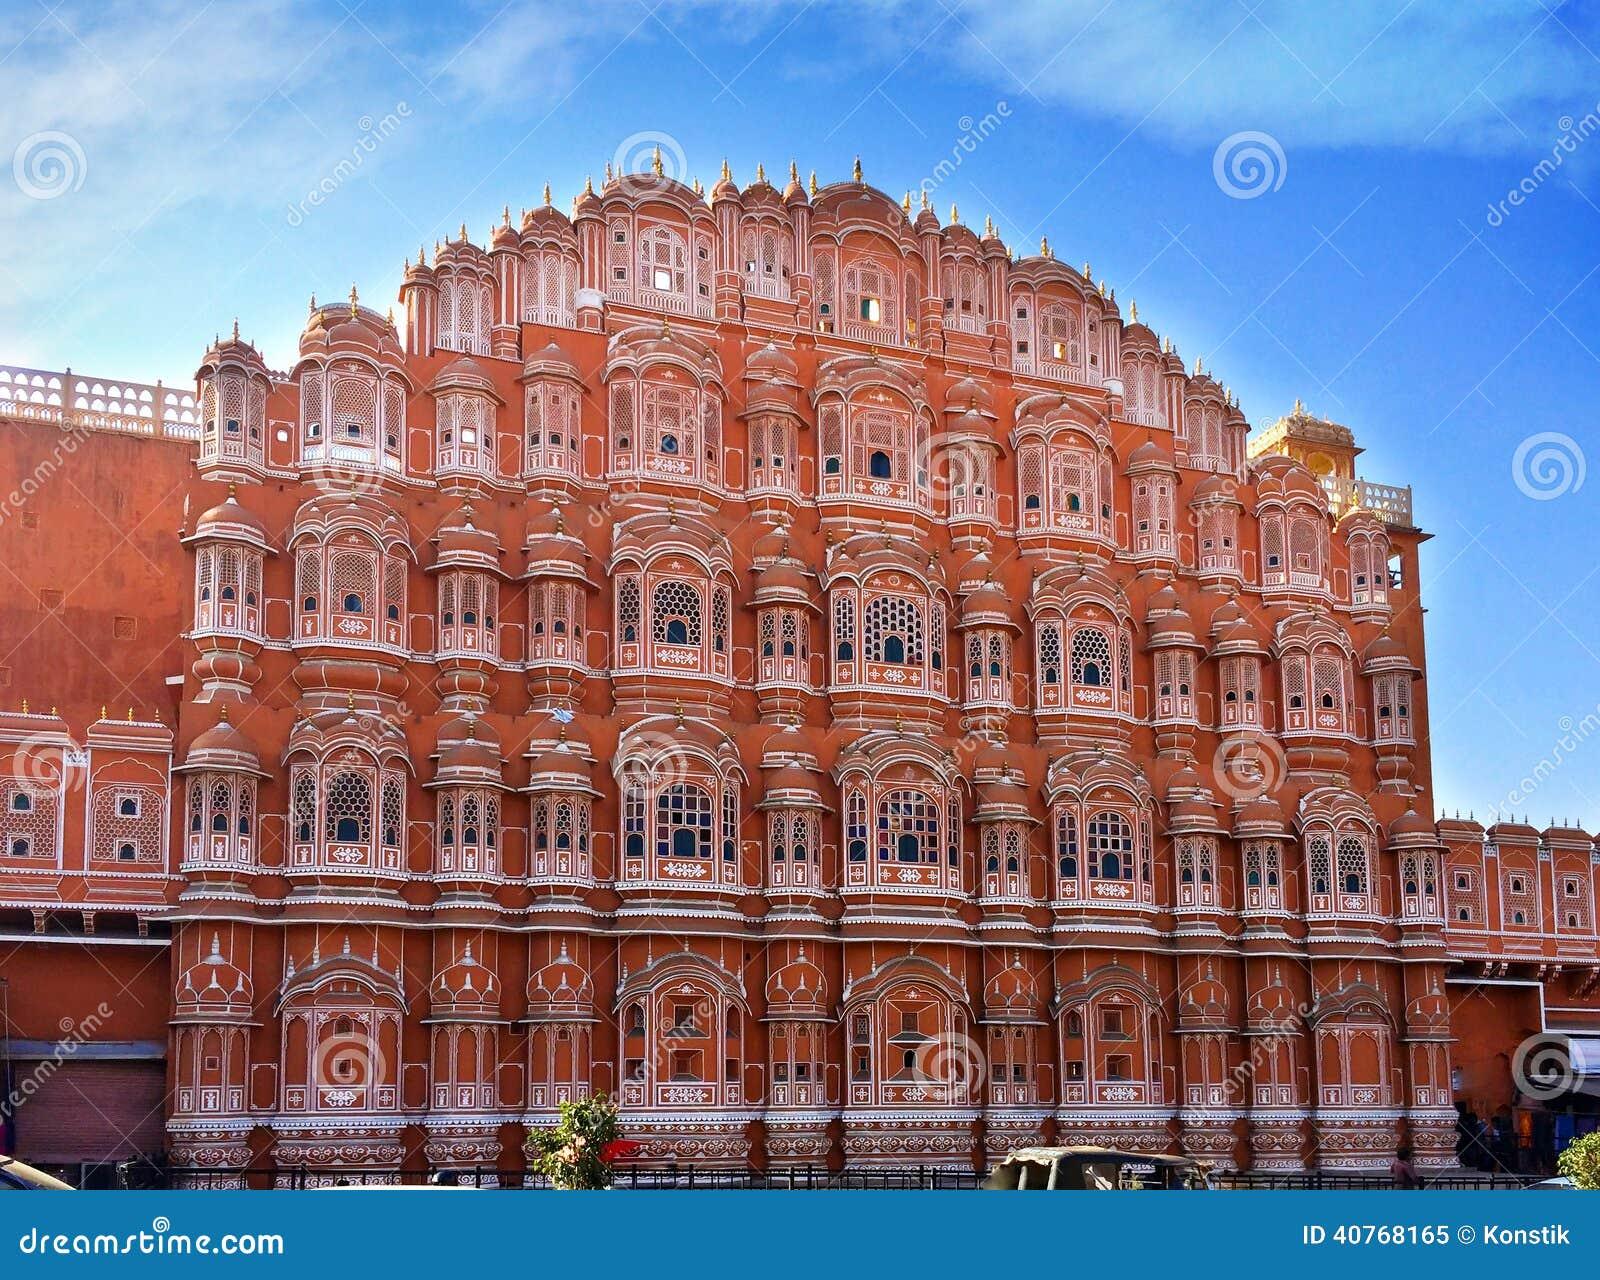 Hawa Mahal or Palace of Winds , Jaipur, India.